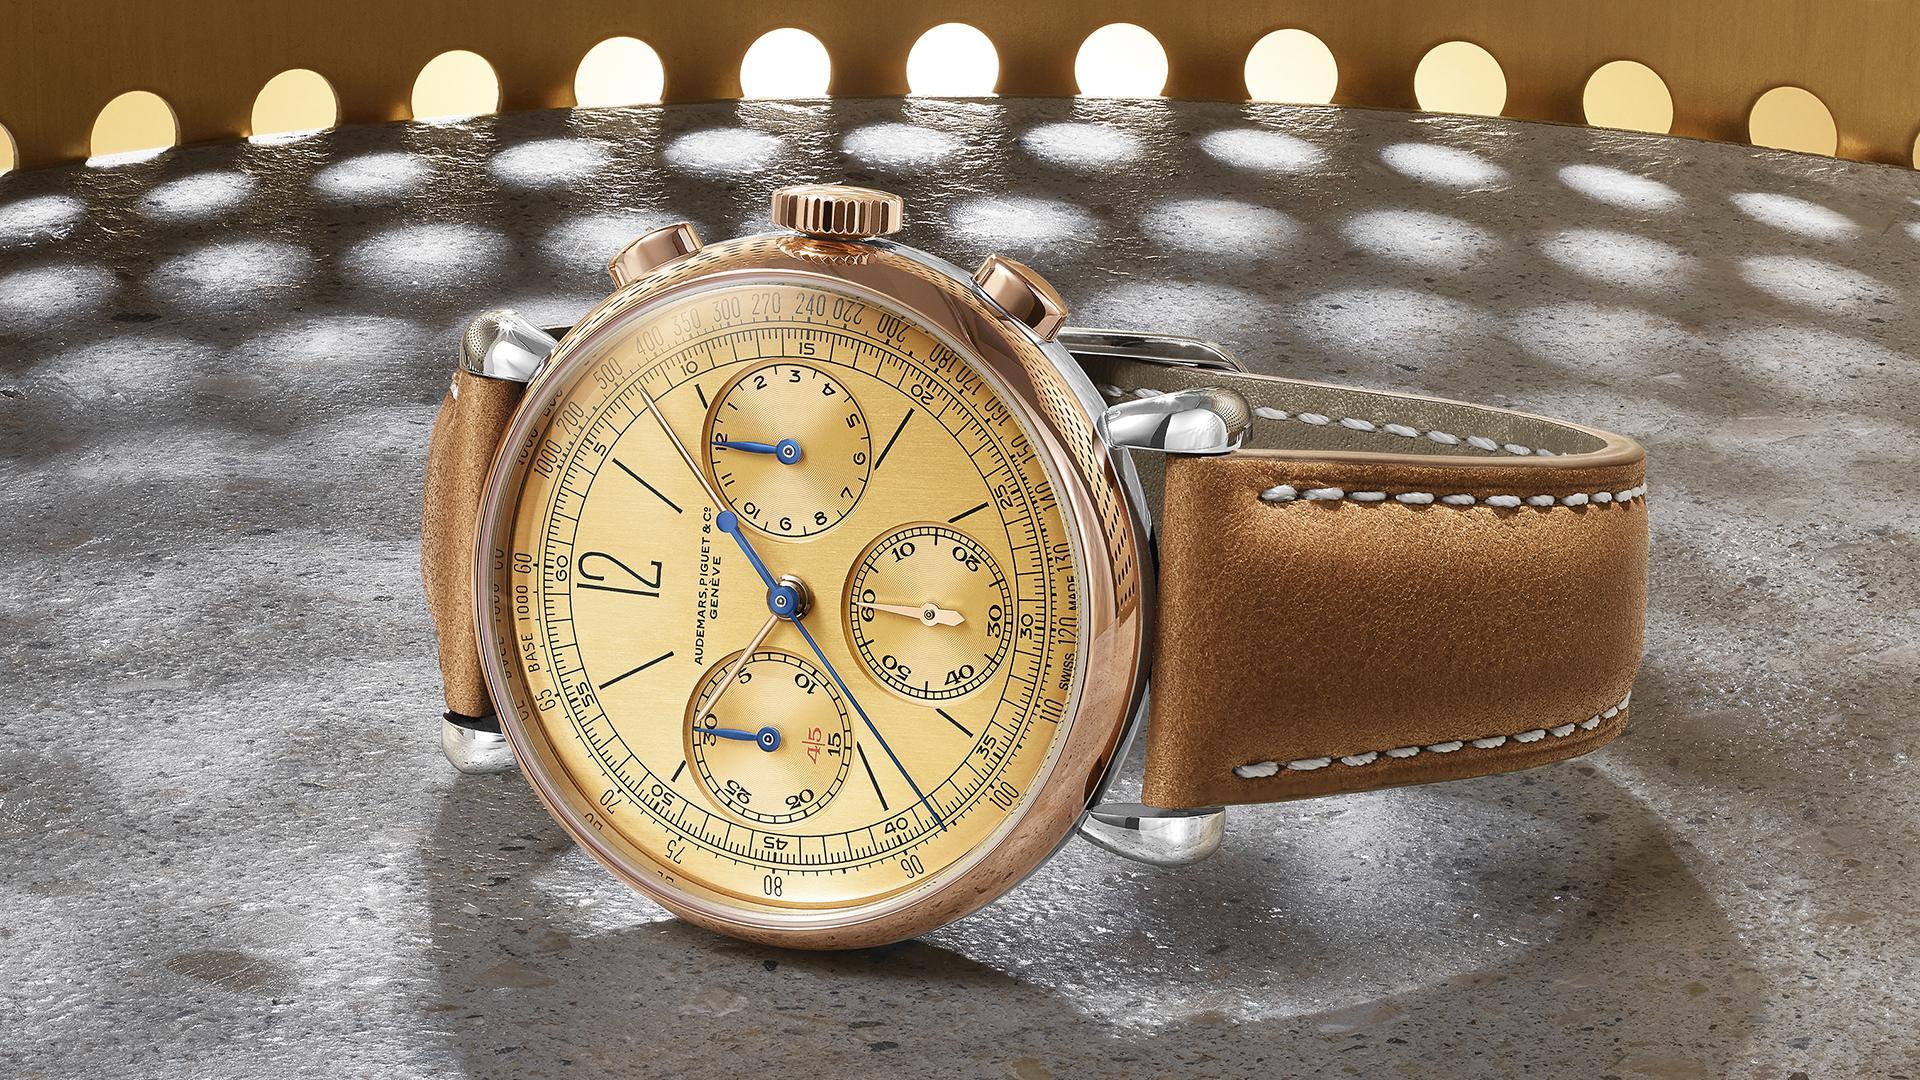 Audemars Piguet [Re]mastered1 Self-Winding Chronograph watch